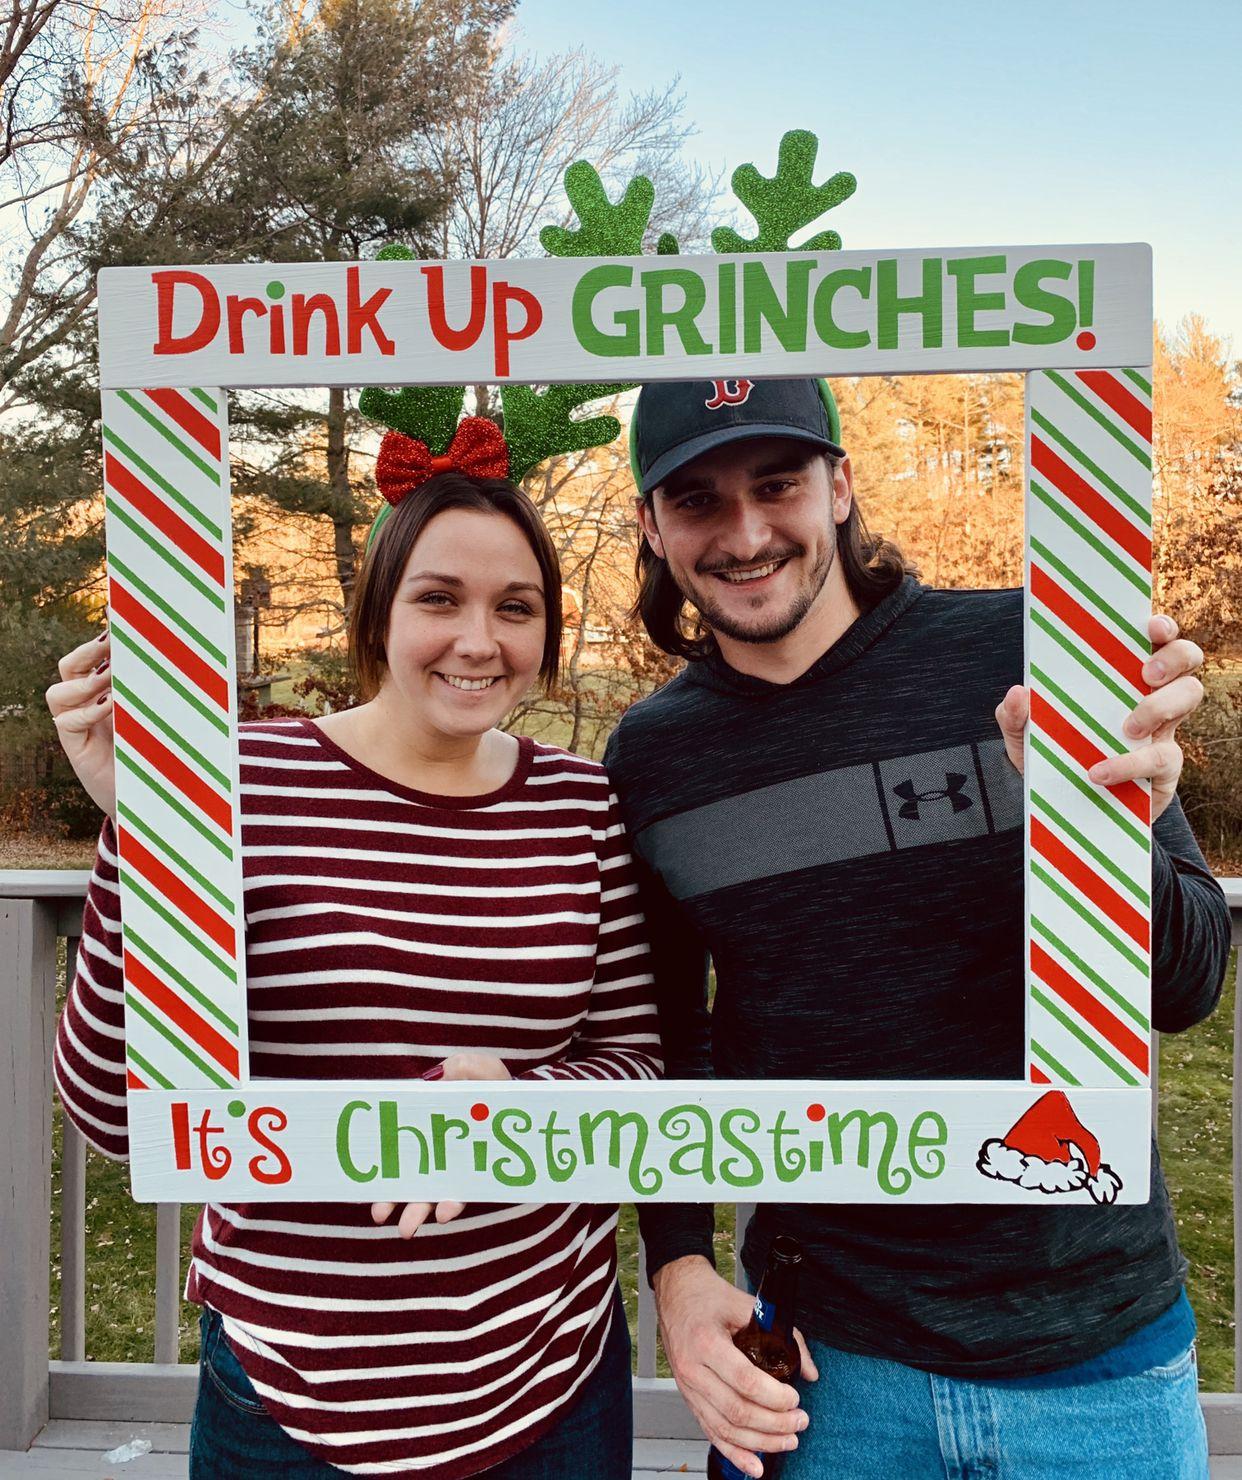 Christmas Photo Booth Holiday Grinch Photobooth Christmas